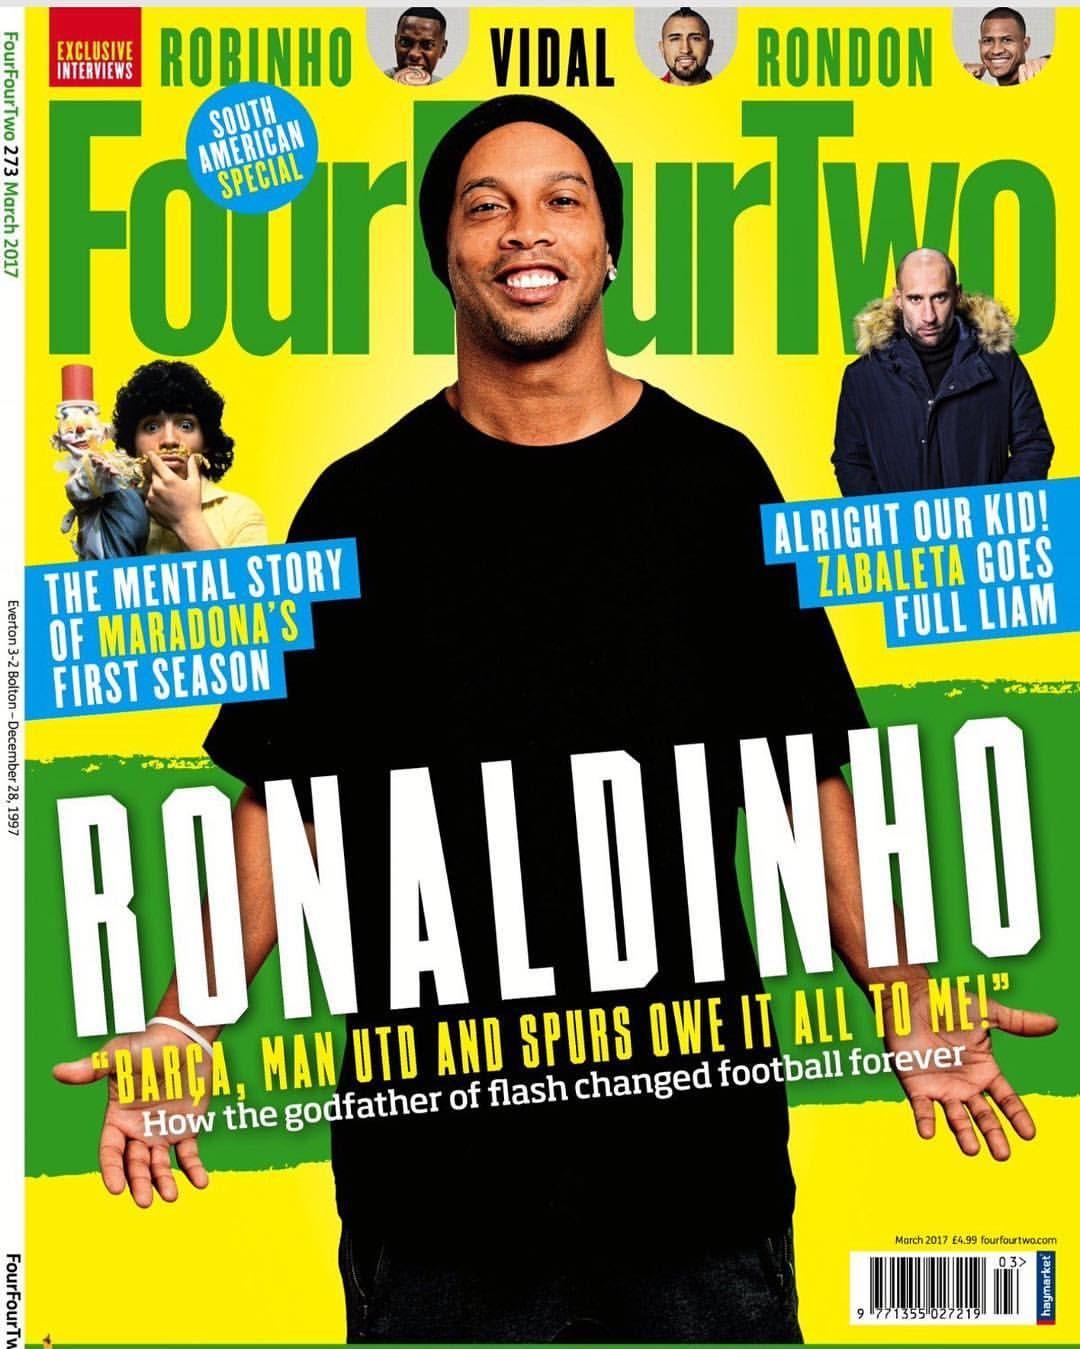 Galera, leiam a última edição da revista FourFourTwo! Tem